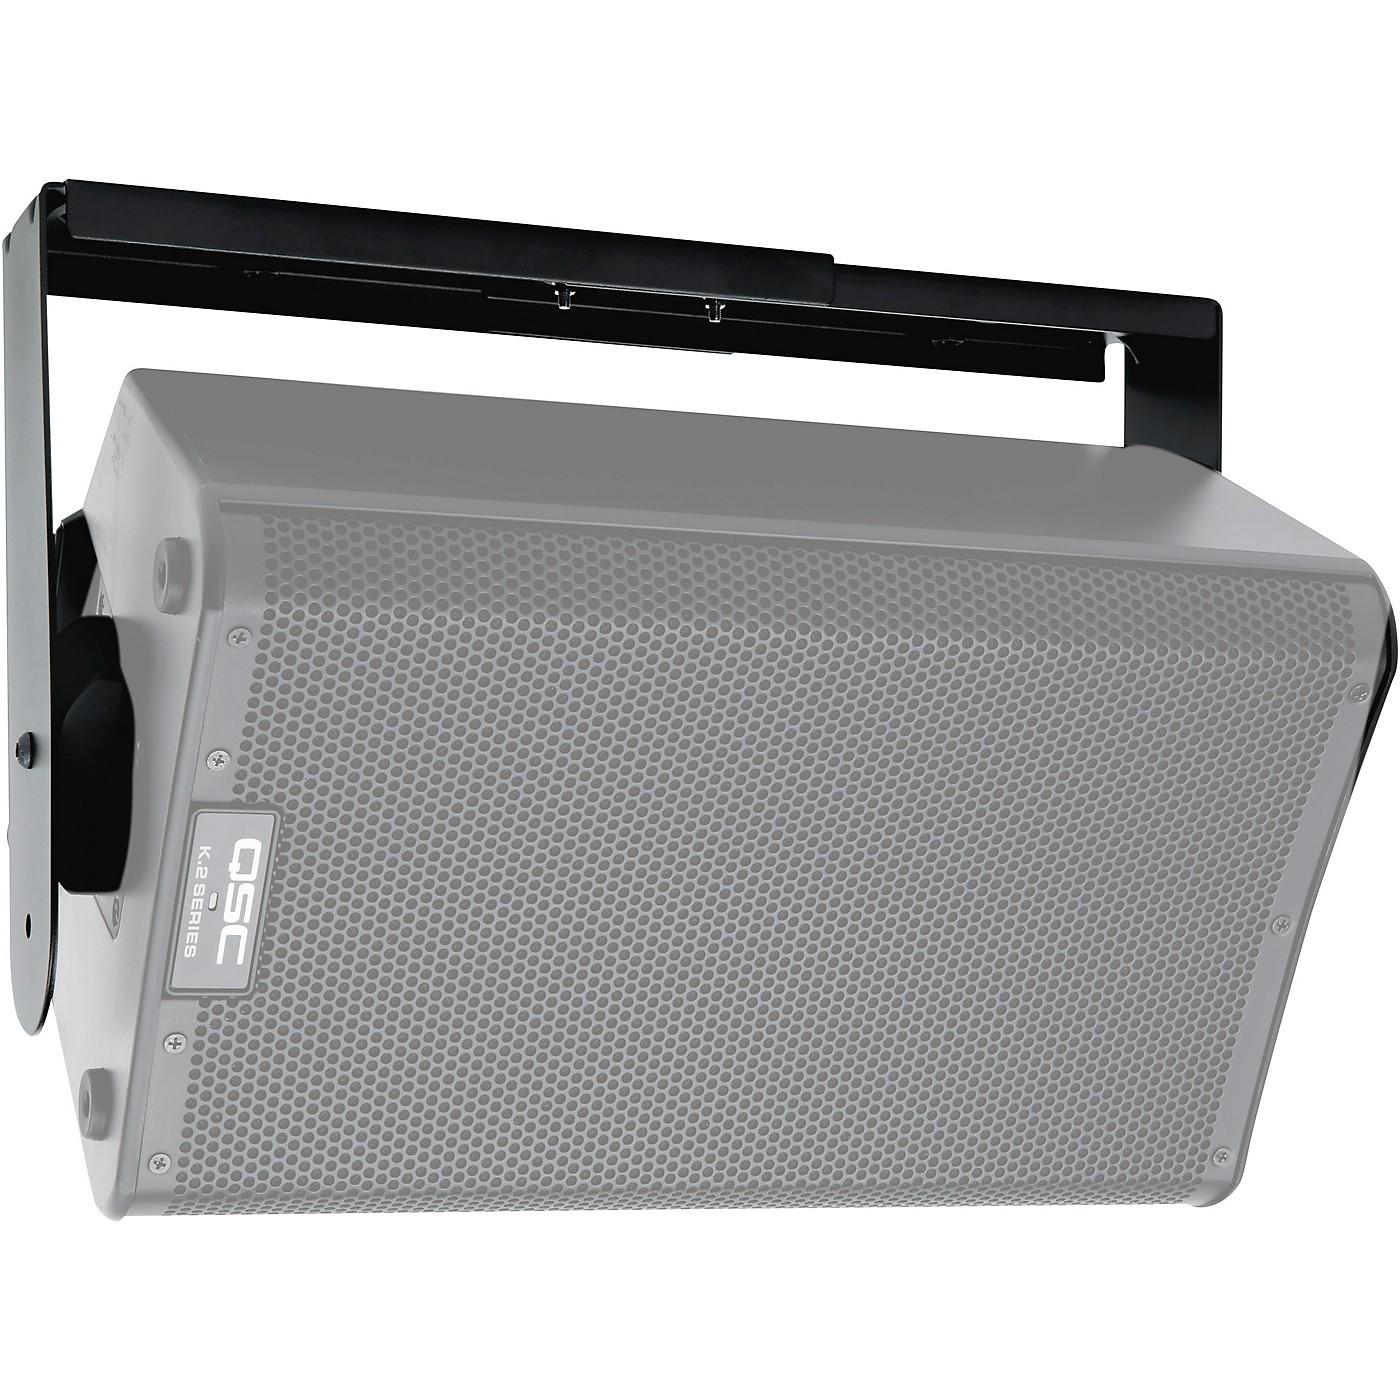 QSC K8.2 Powered Speaker Yoke Mount thumbnail